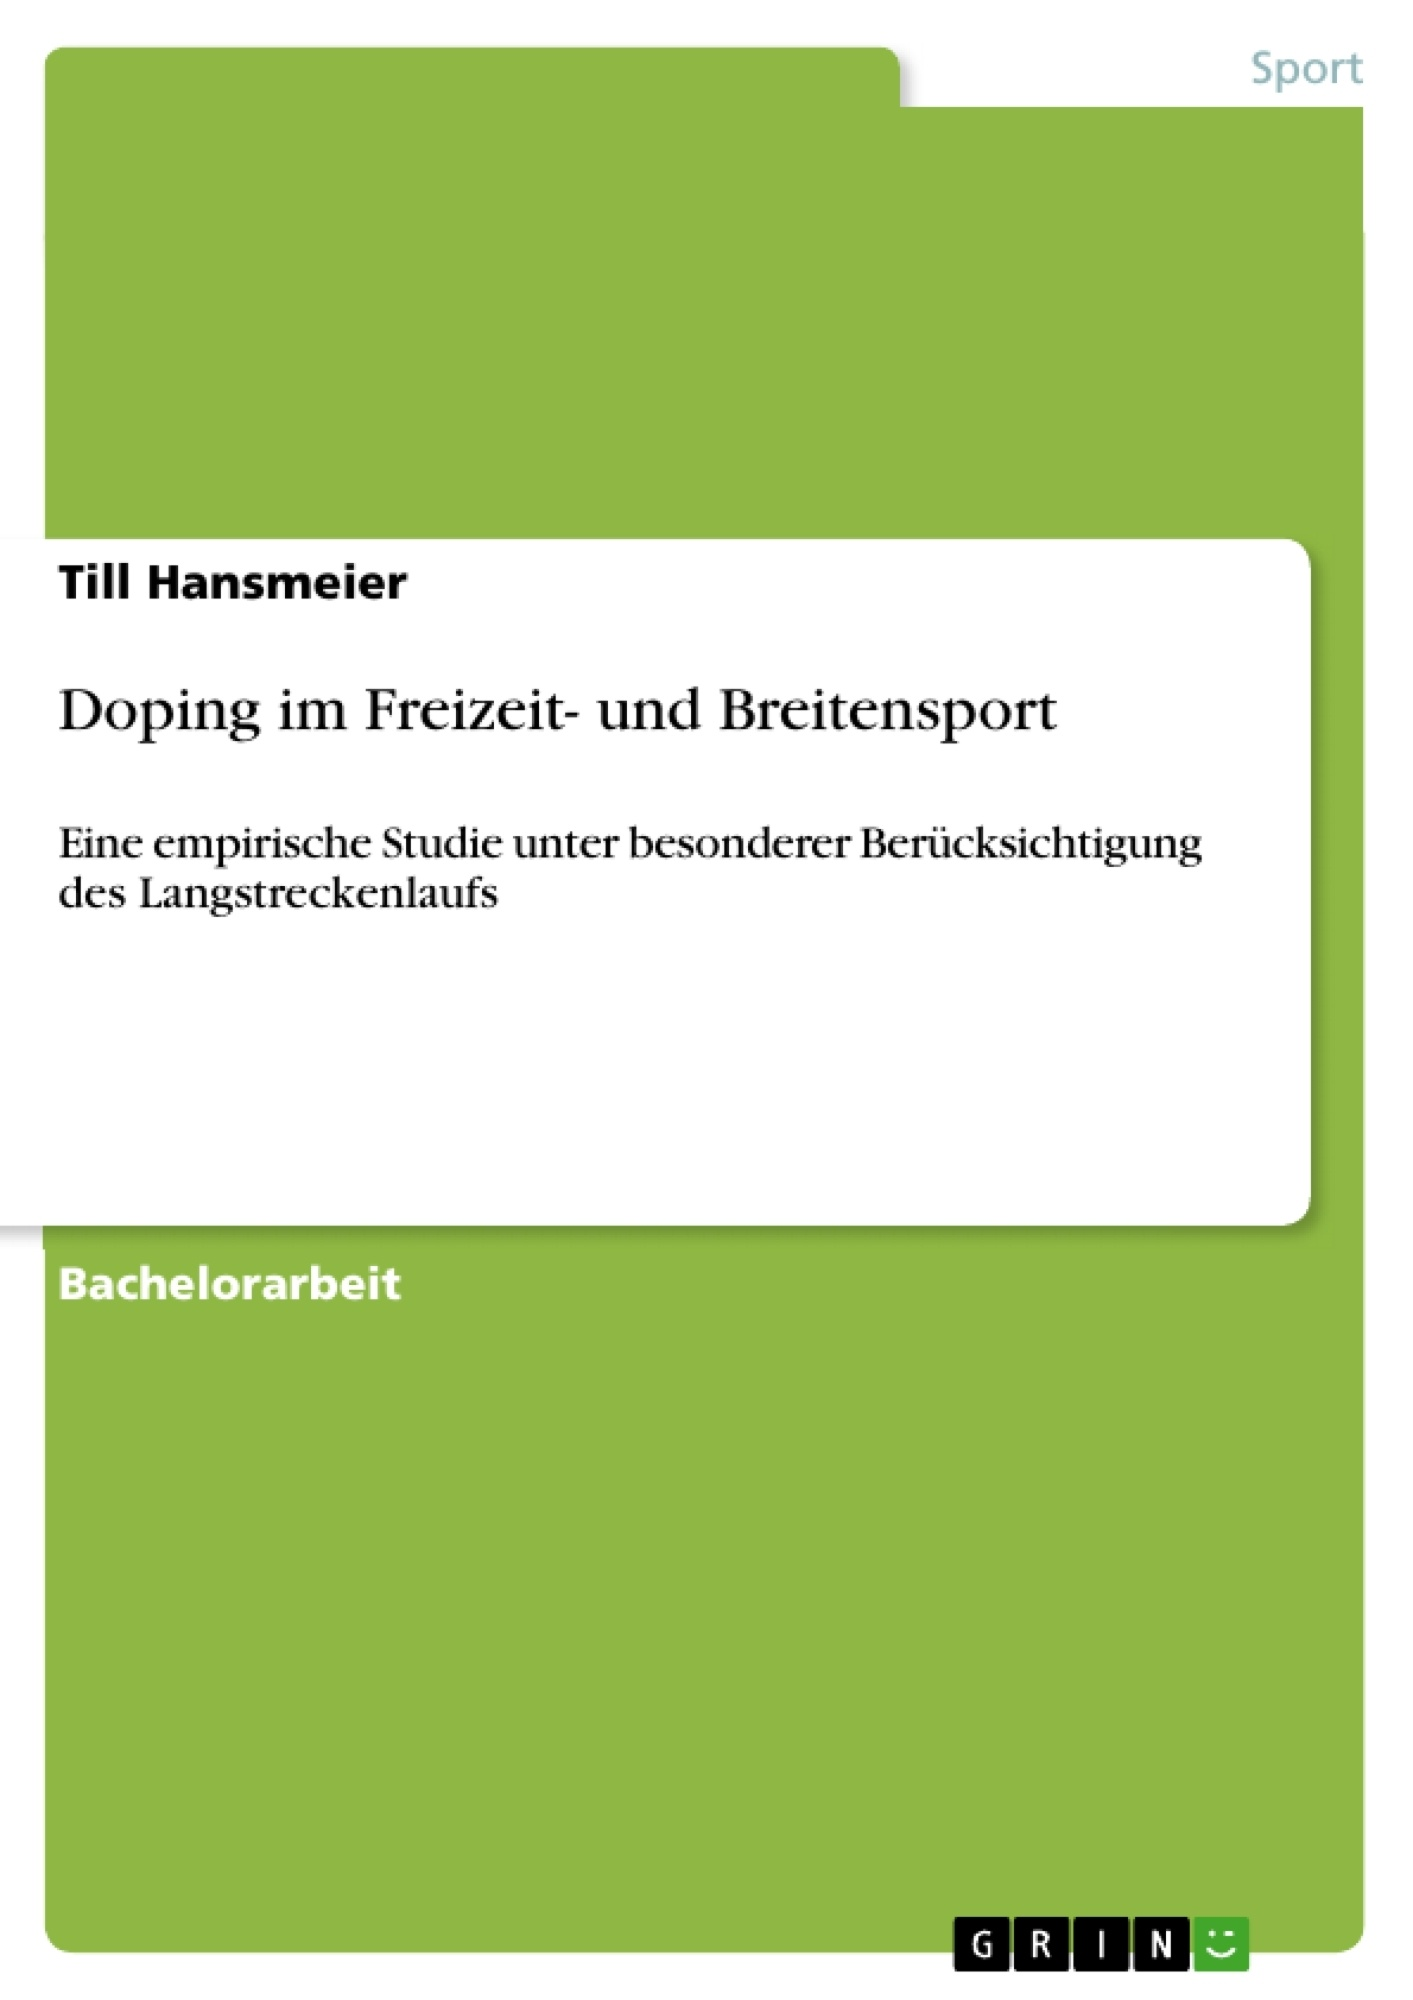 Titel: Doping im Freizeit- und Breitensport